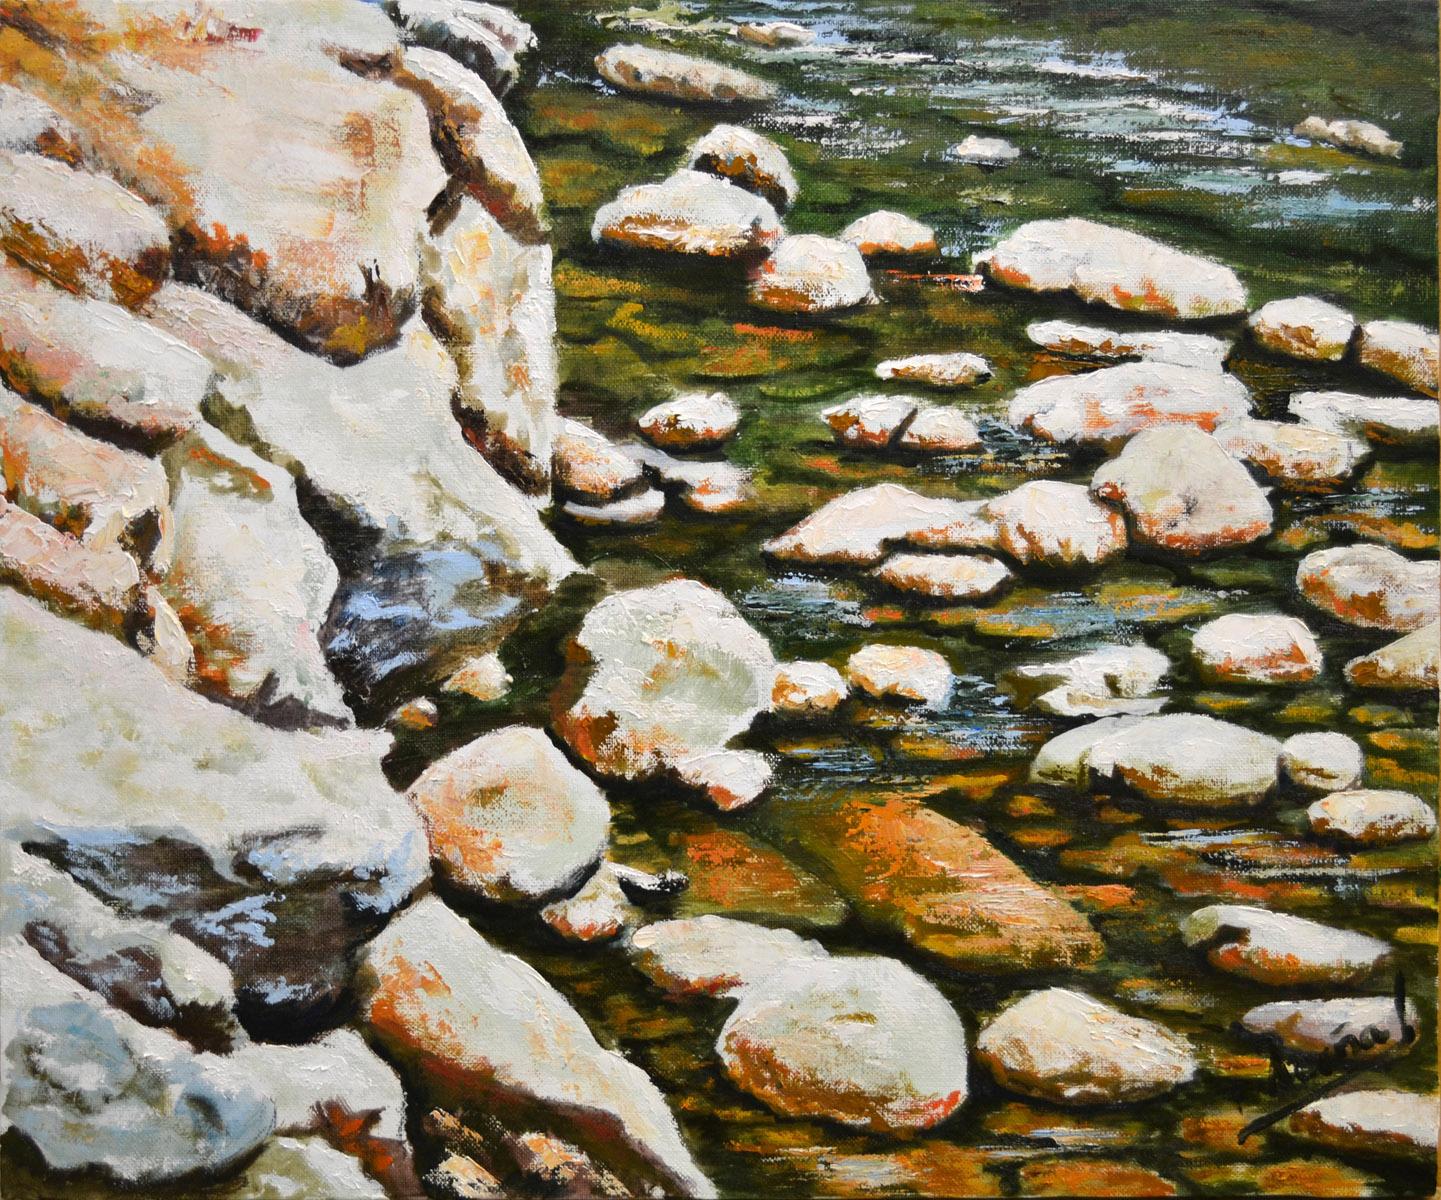 Oroz-Betelu. Pilar Aceña, oleo sobre lienzo. 55 x 40cm. Año 2012. PV 260 €